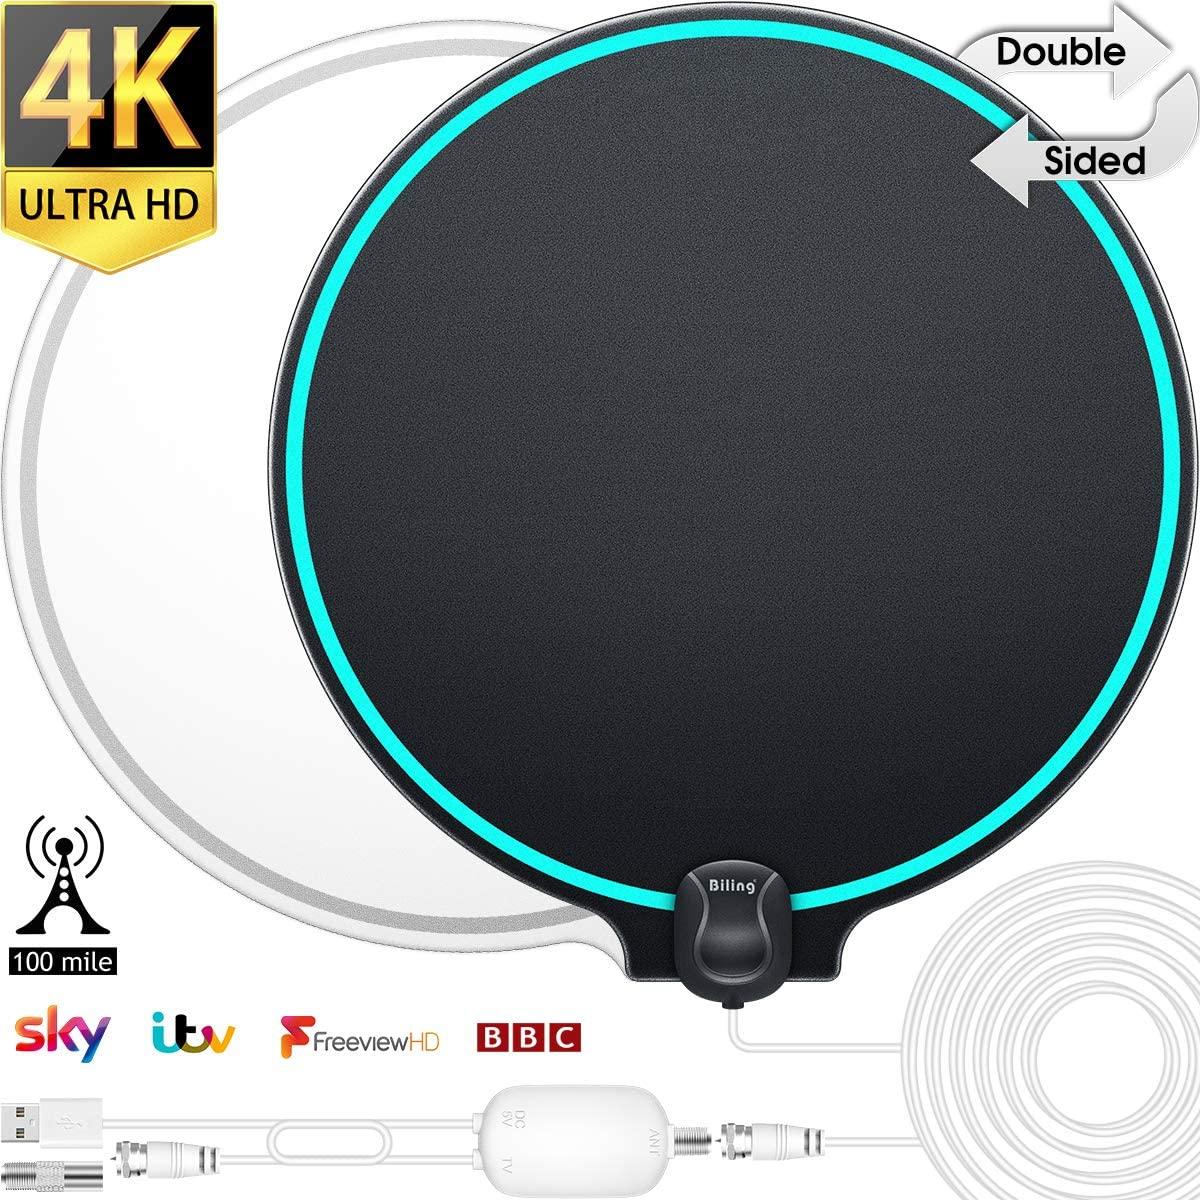 Biling Antena TV Interior- Antena TV portátil HD TV Digital con Amplificador de señal Inteligente para Canales de TV gratuitos Soporte 4K 1080 HD/VHF/UHF, Apto para Todos los Tipos de TV